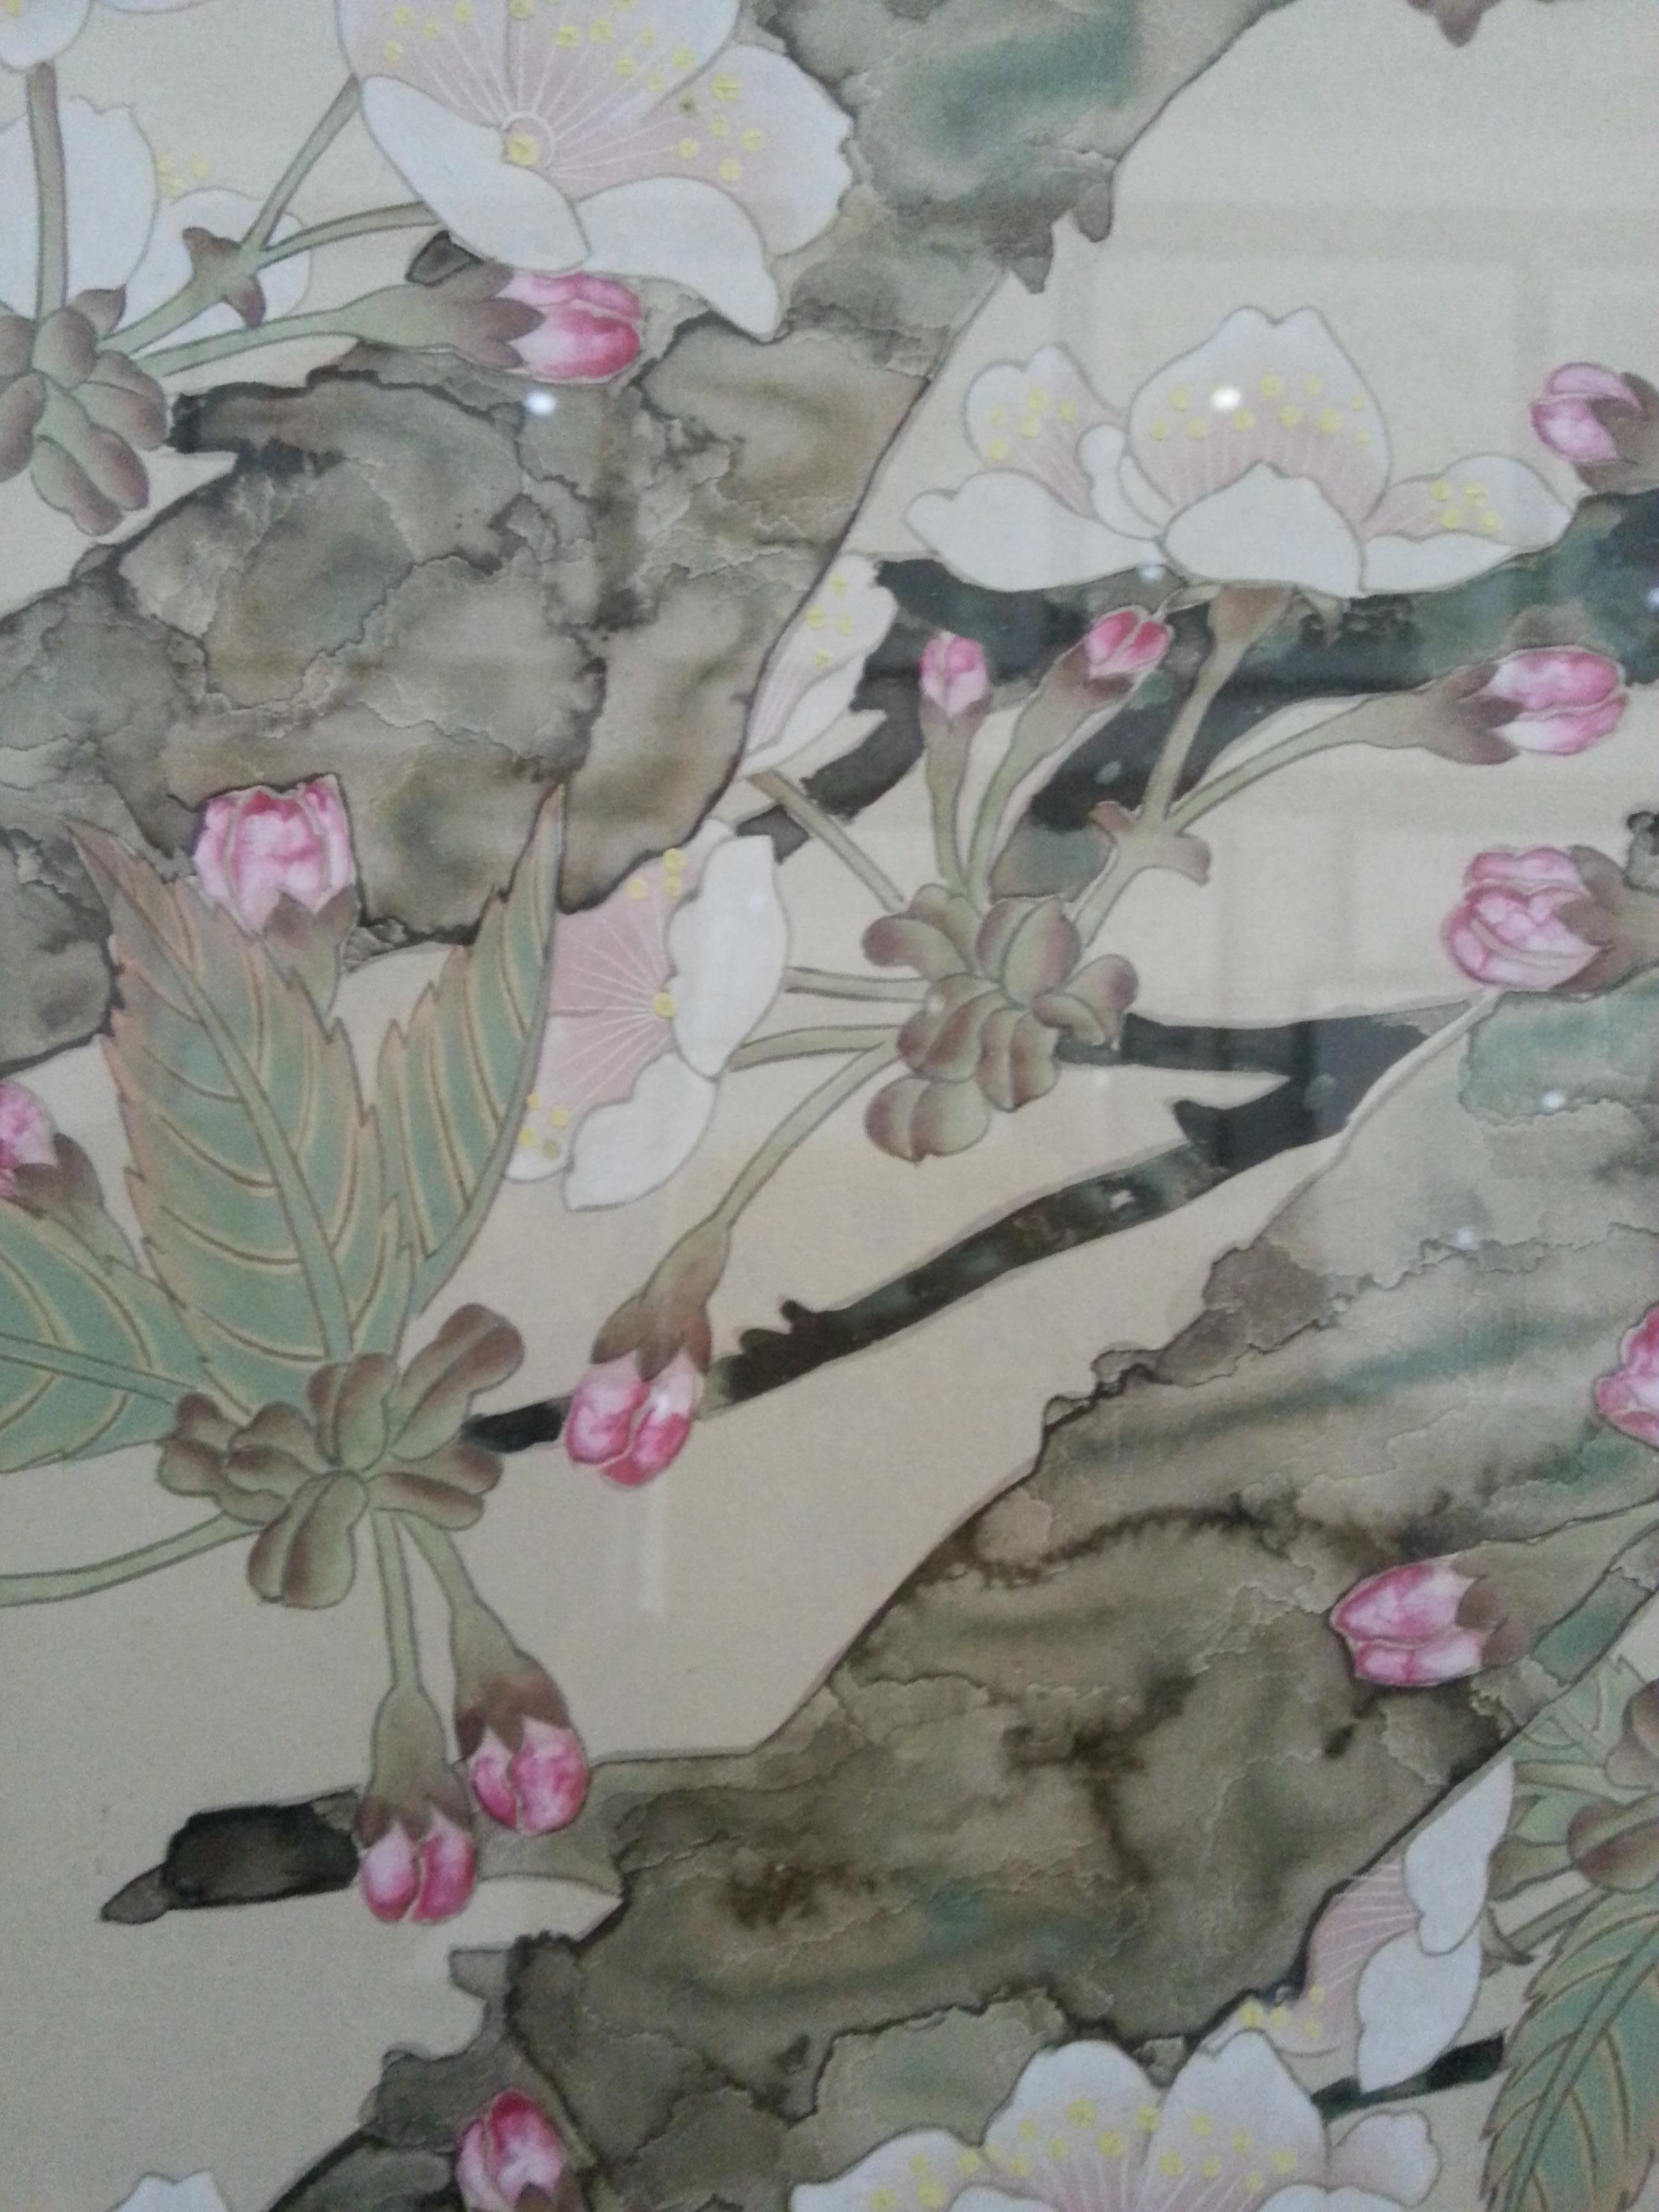 王文明工笔画《海棠小鸟》作品拍卖